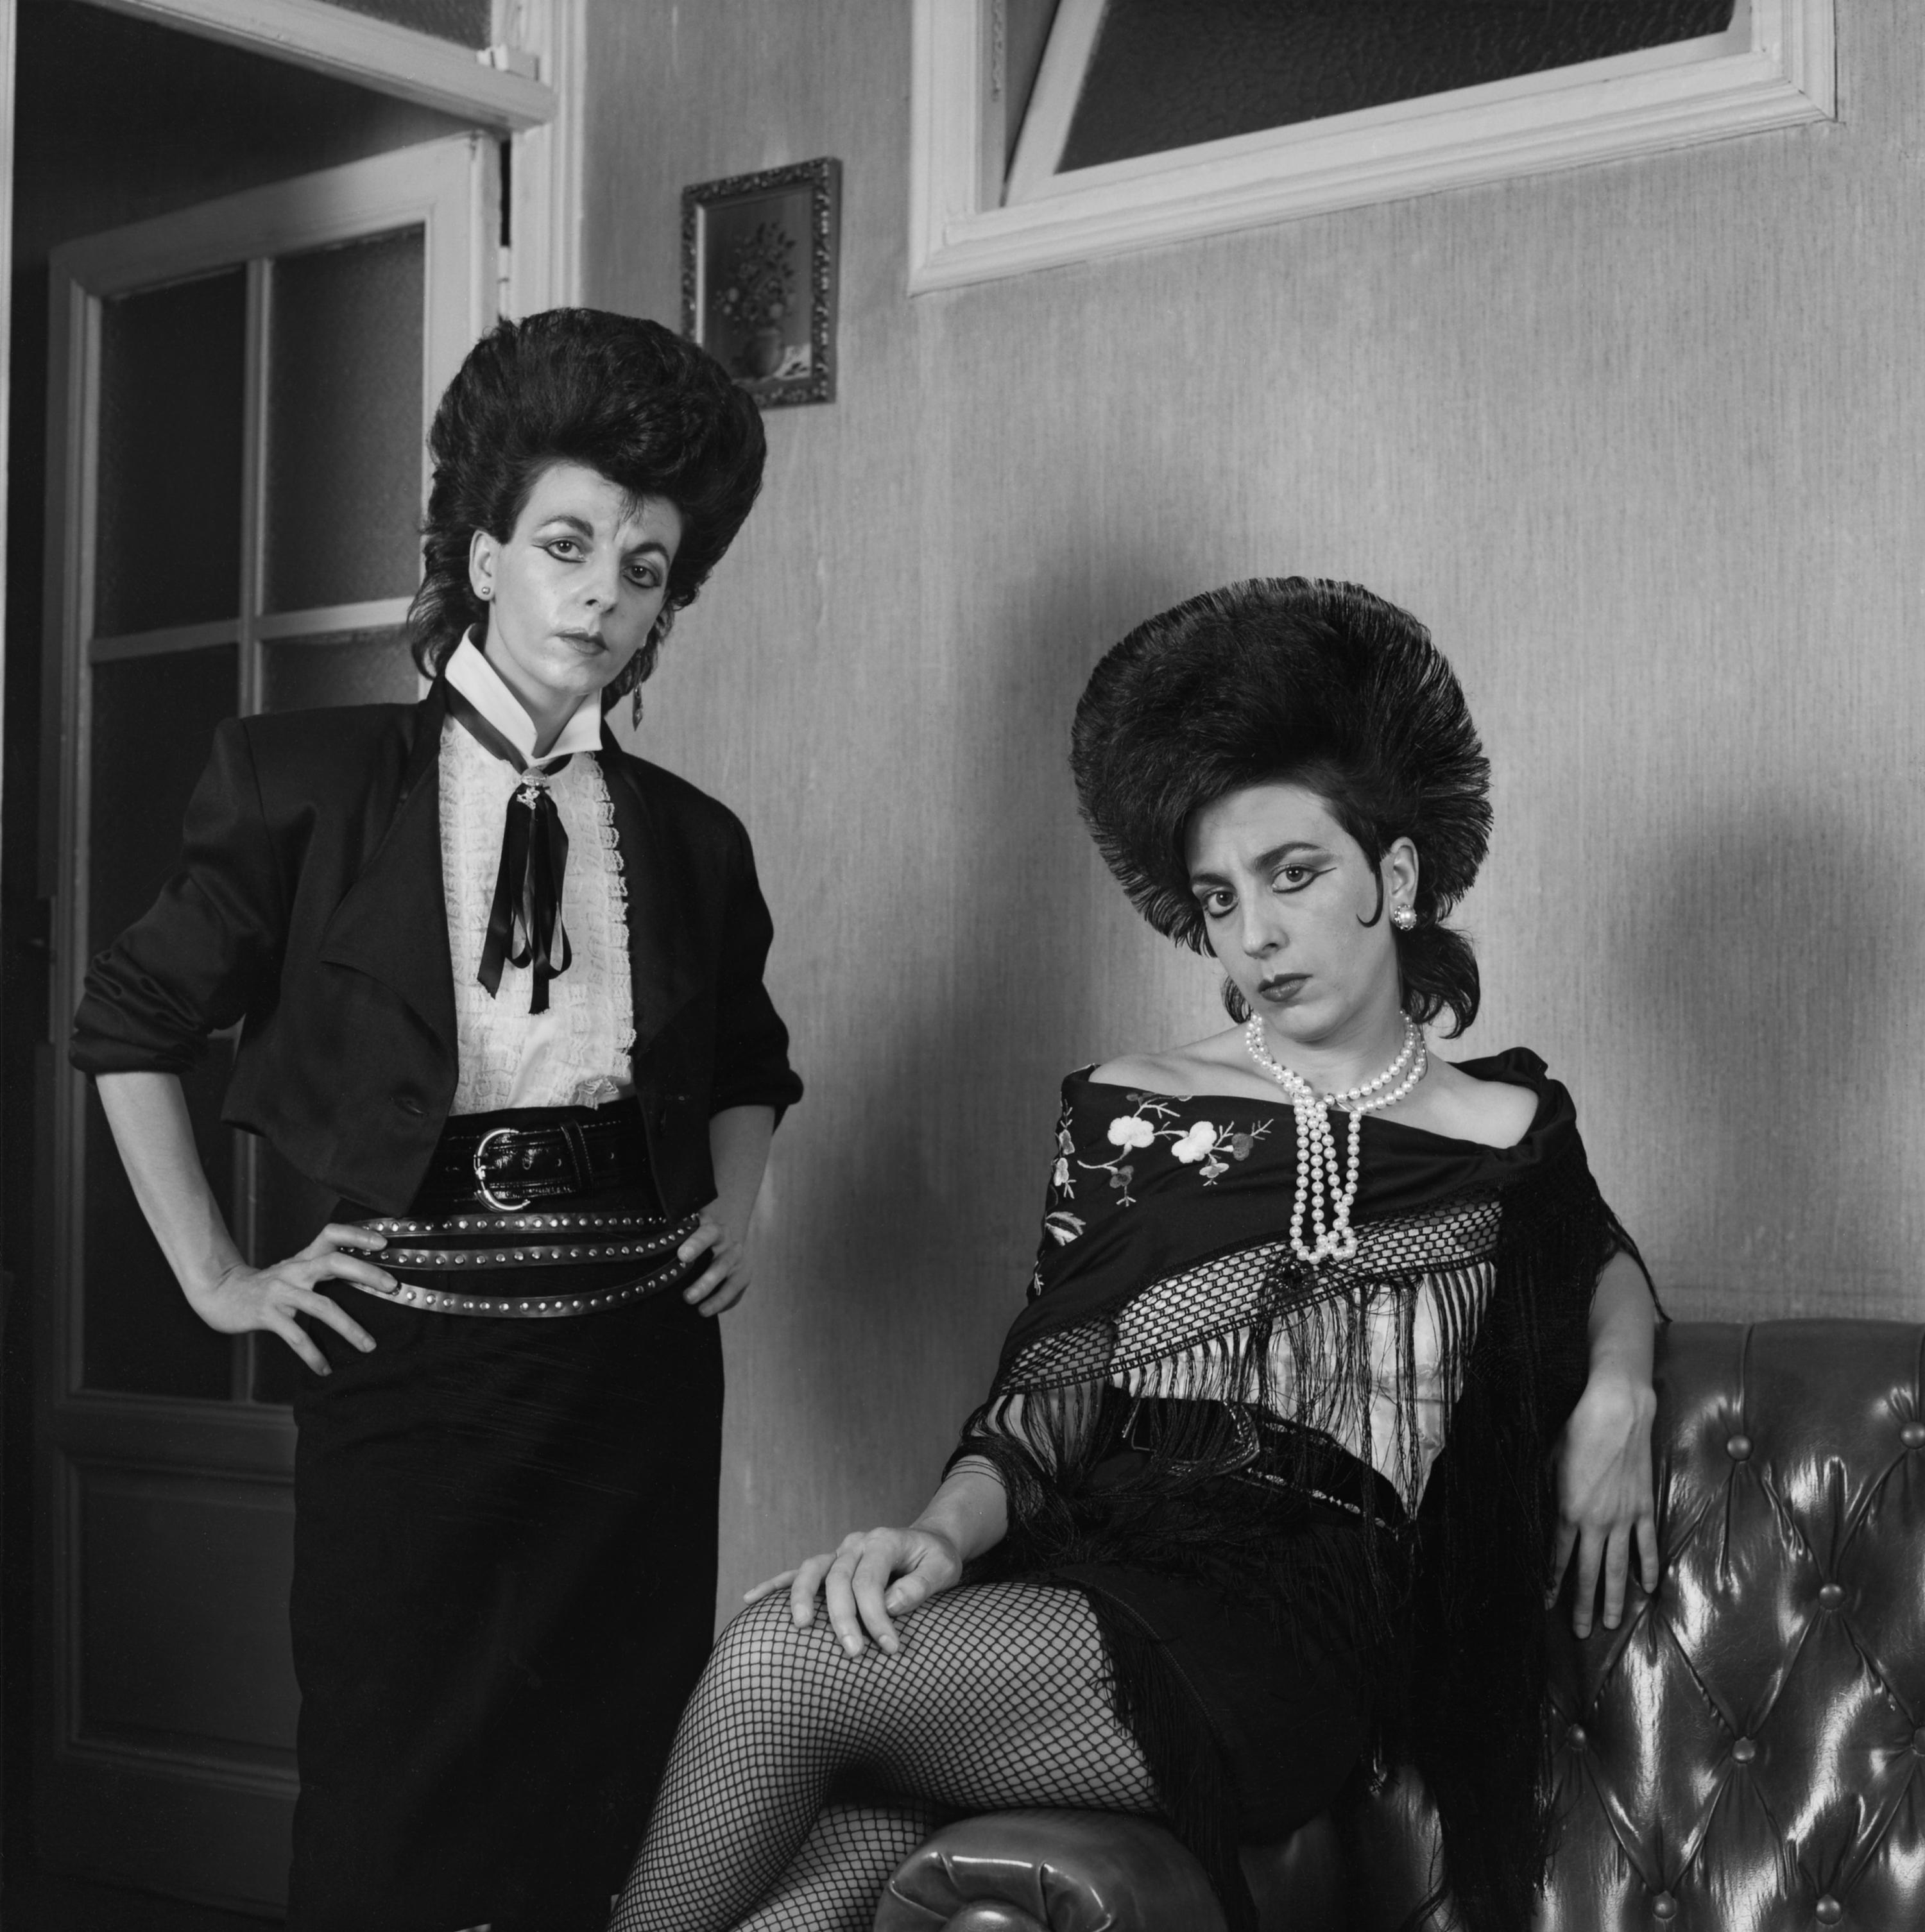 Dos Ladies, 1988